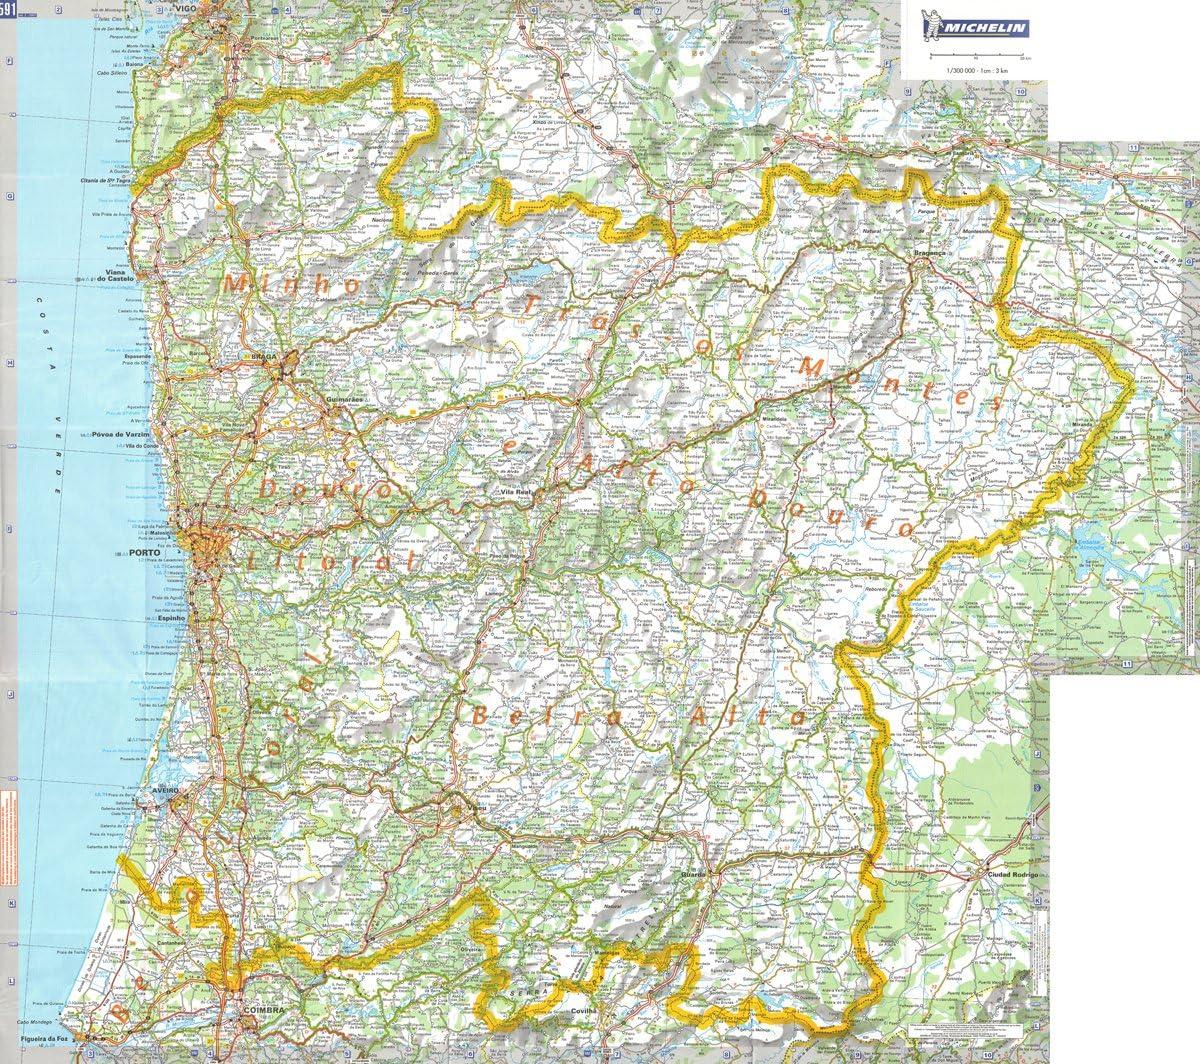 Michelin regional pared mapa del norte de Portugal: Amazon.es: Hogar